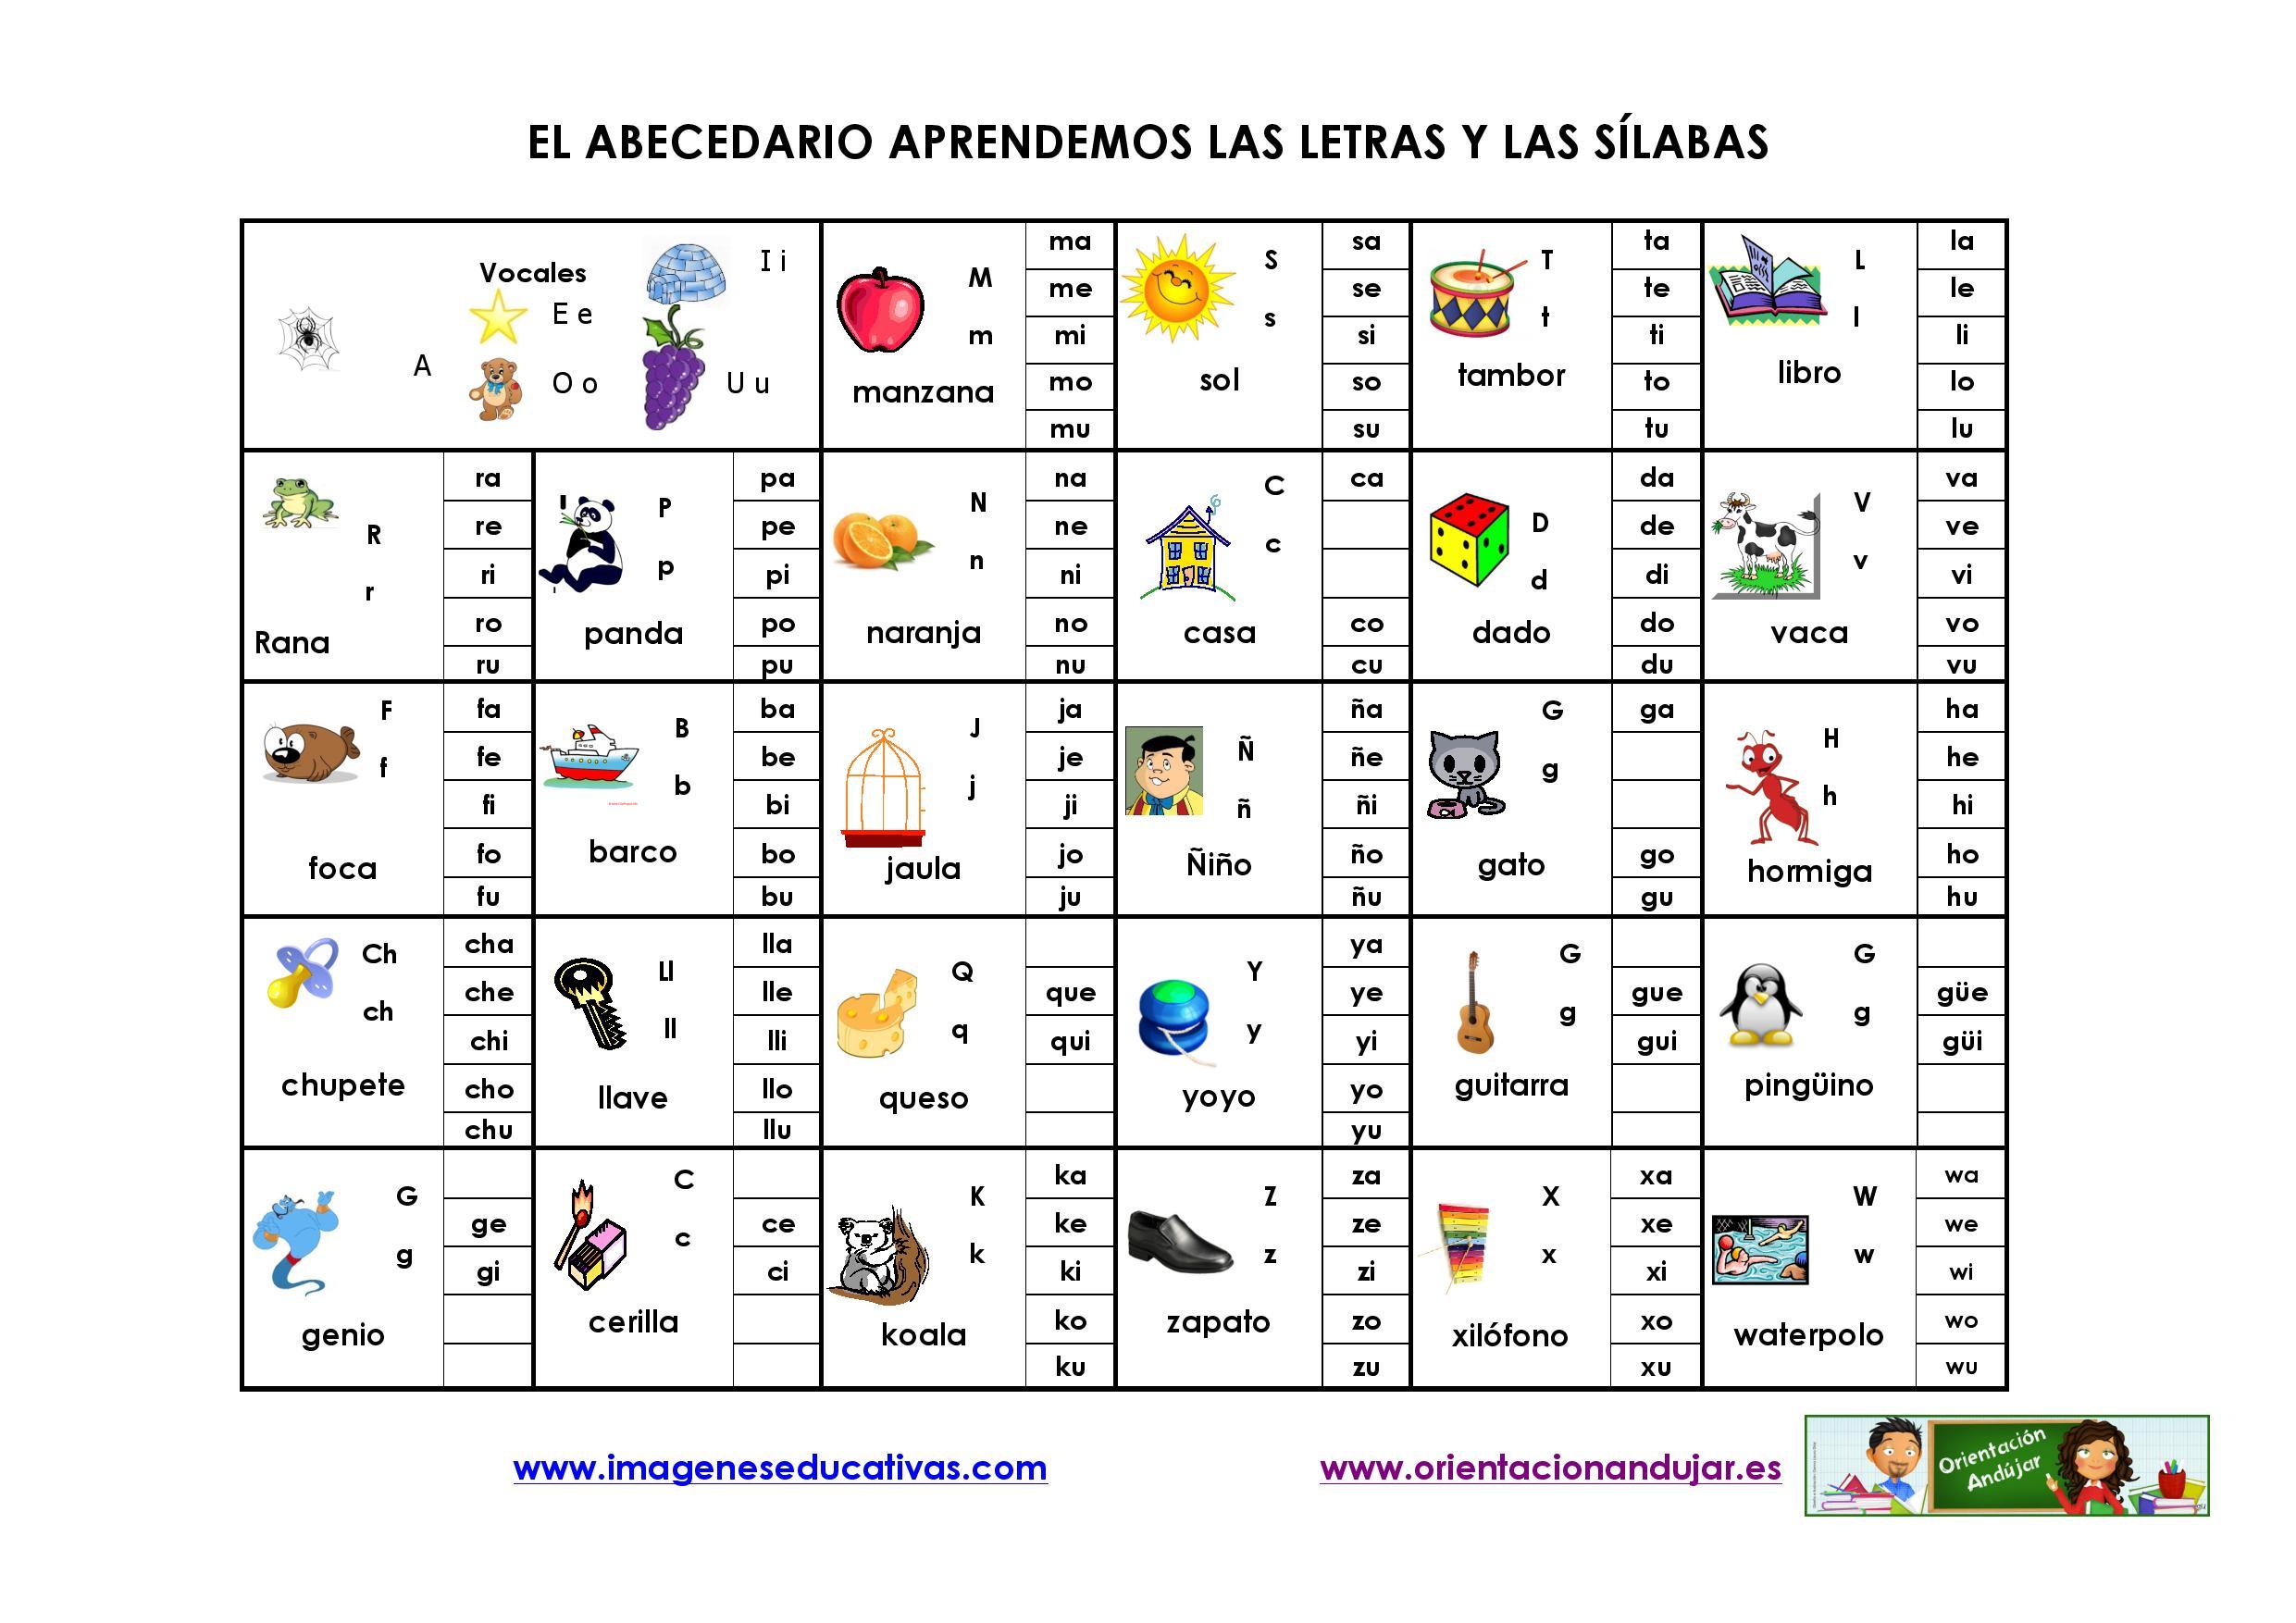 El abecedario aprendemos las letras y las slabas